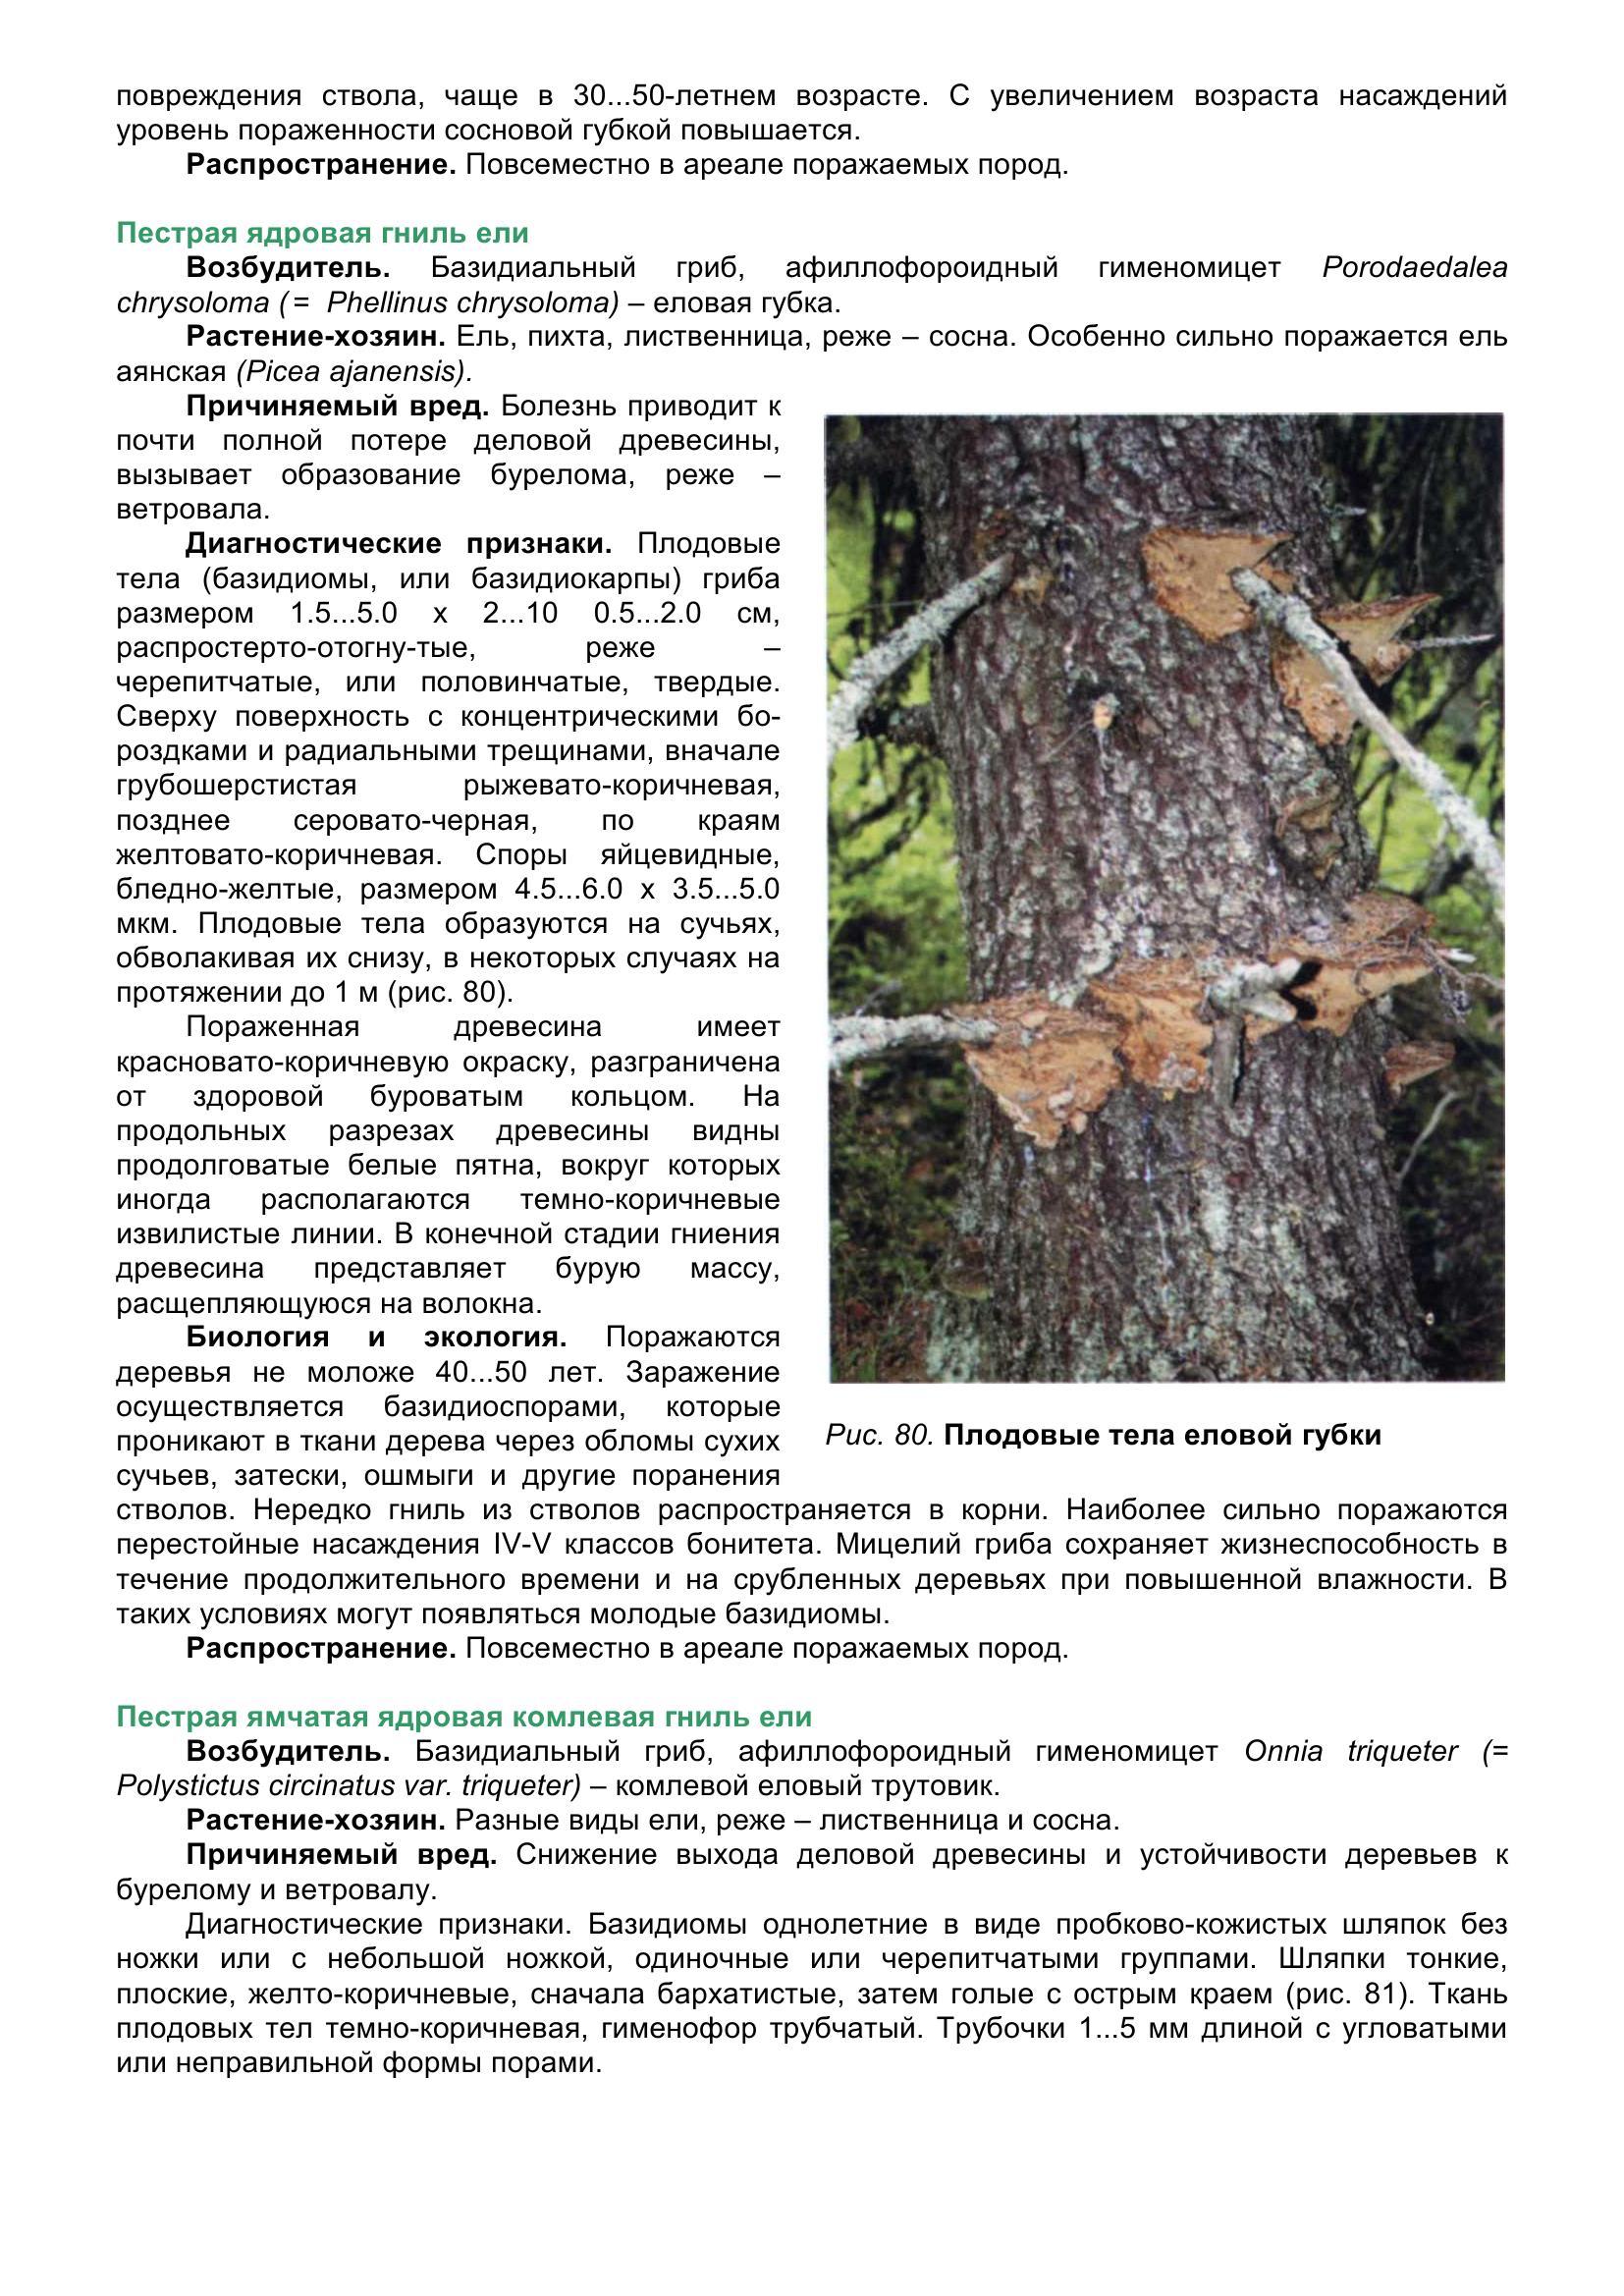 Болезни_древесных_растений_093.jpg